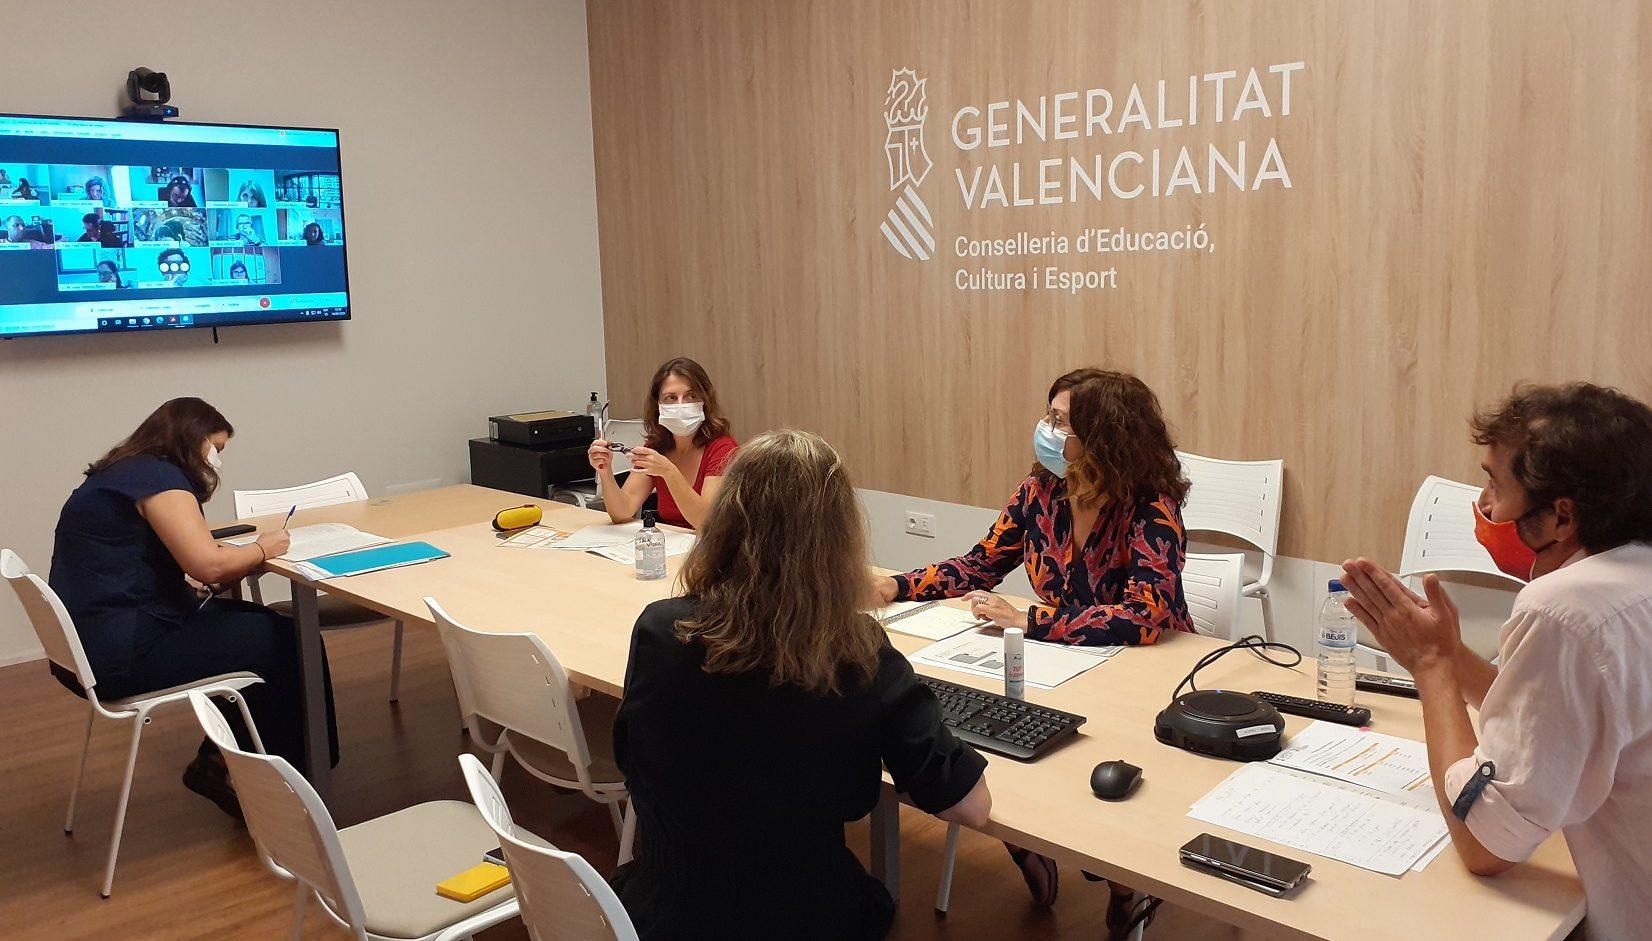 La JQC de Valencià convoca les proves del nivell C1 amb 500 places a Vinaròs de les 11.000 convocades en 15 seus